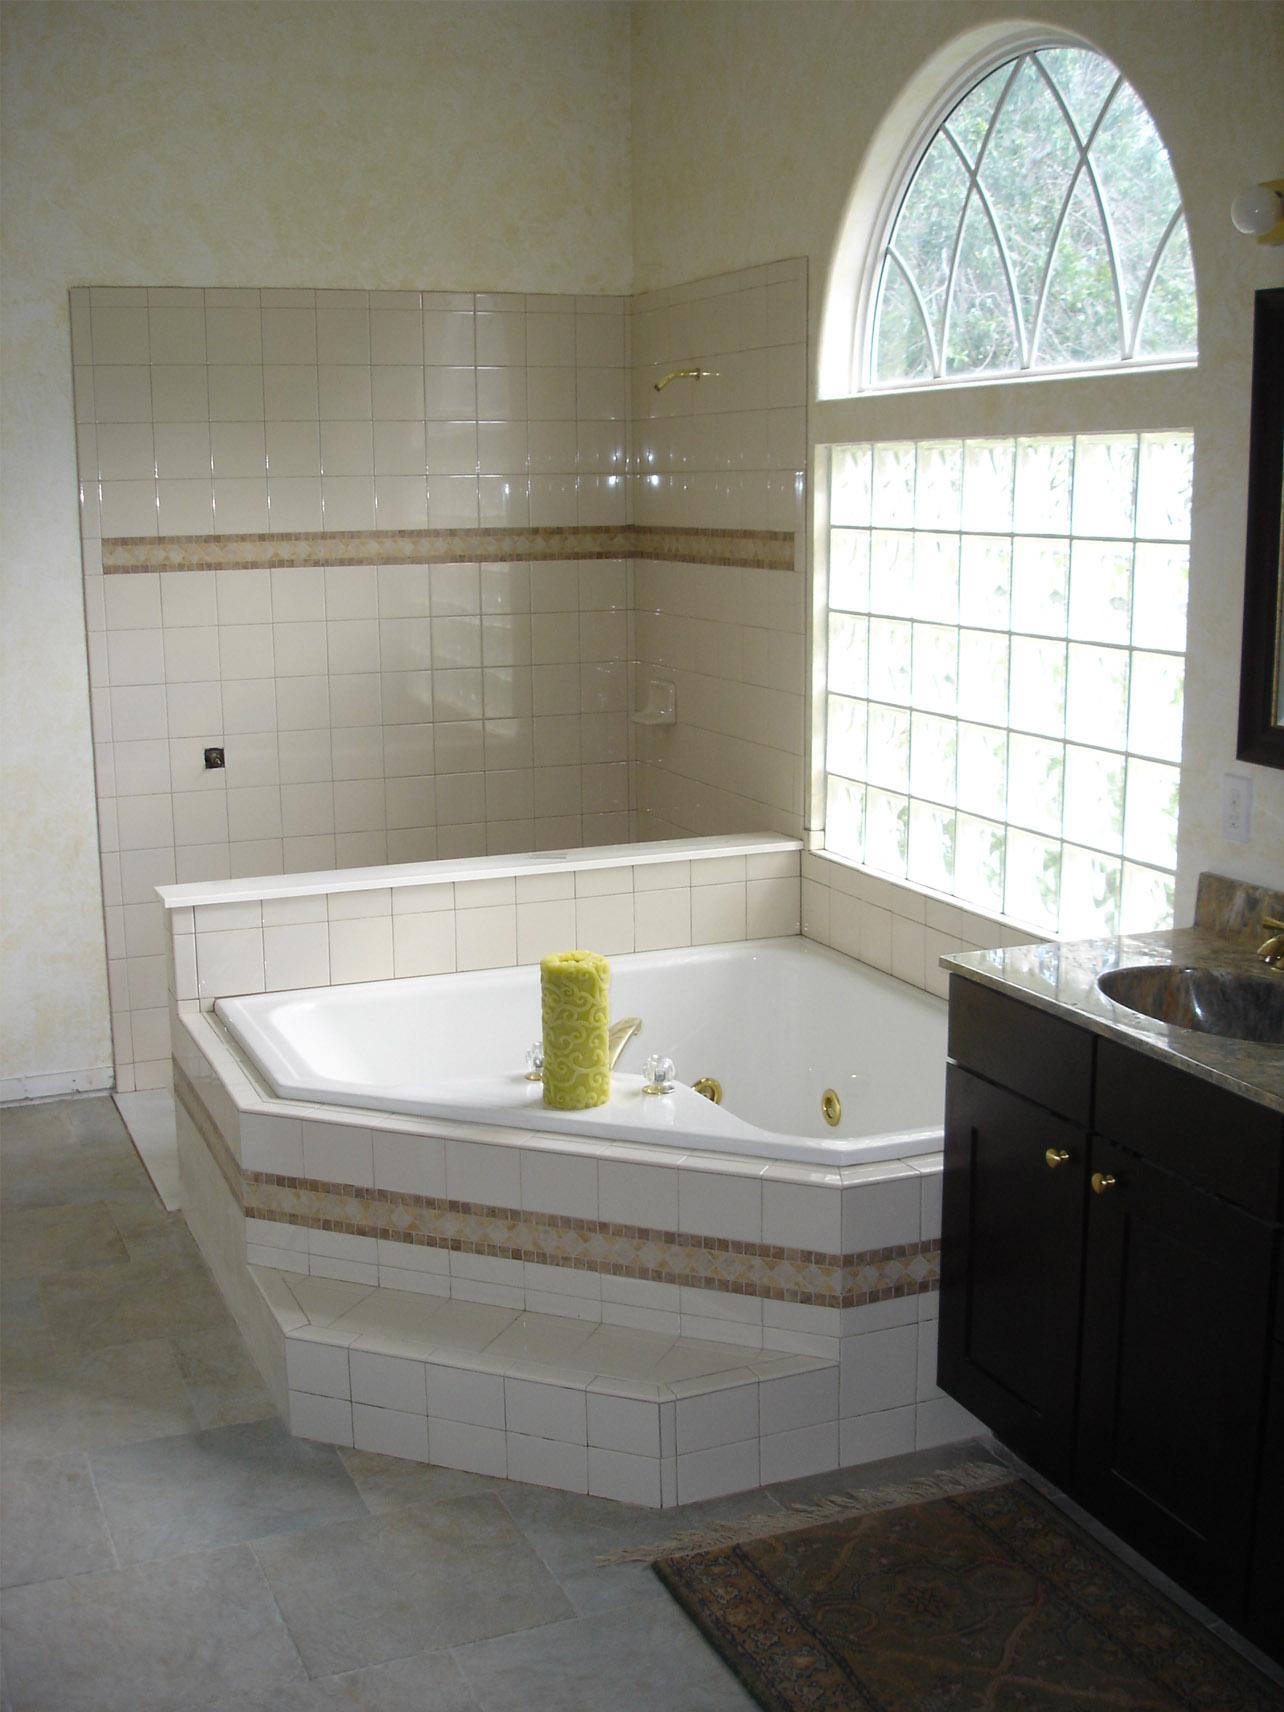 Ремонт угловой ванны